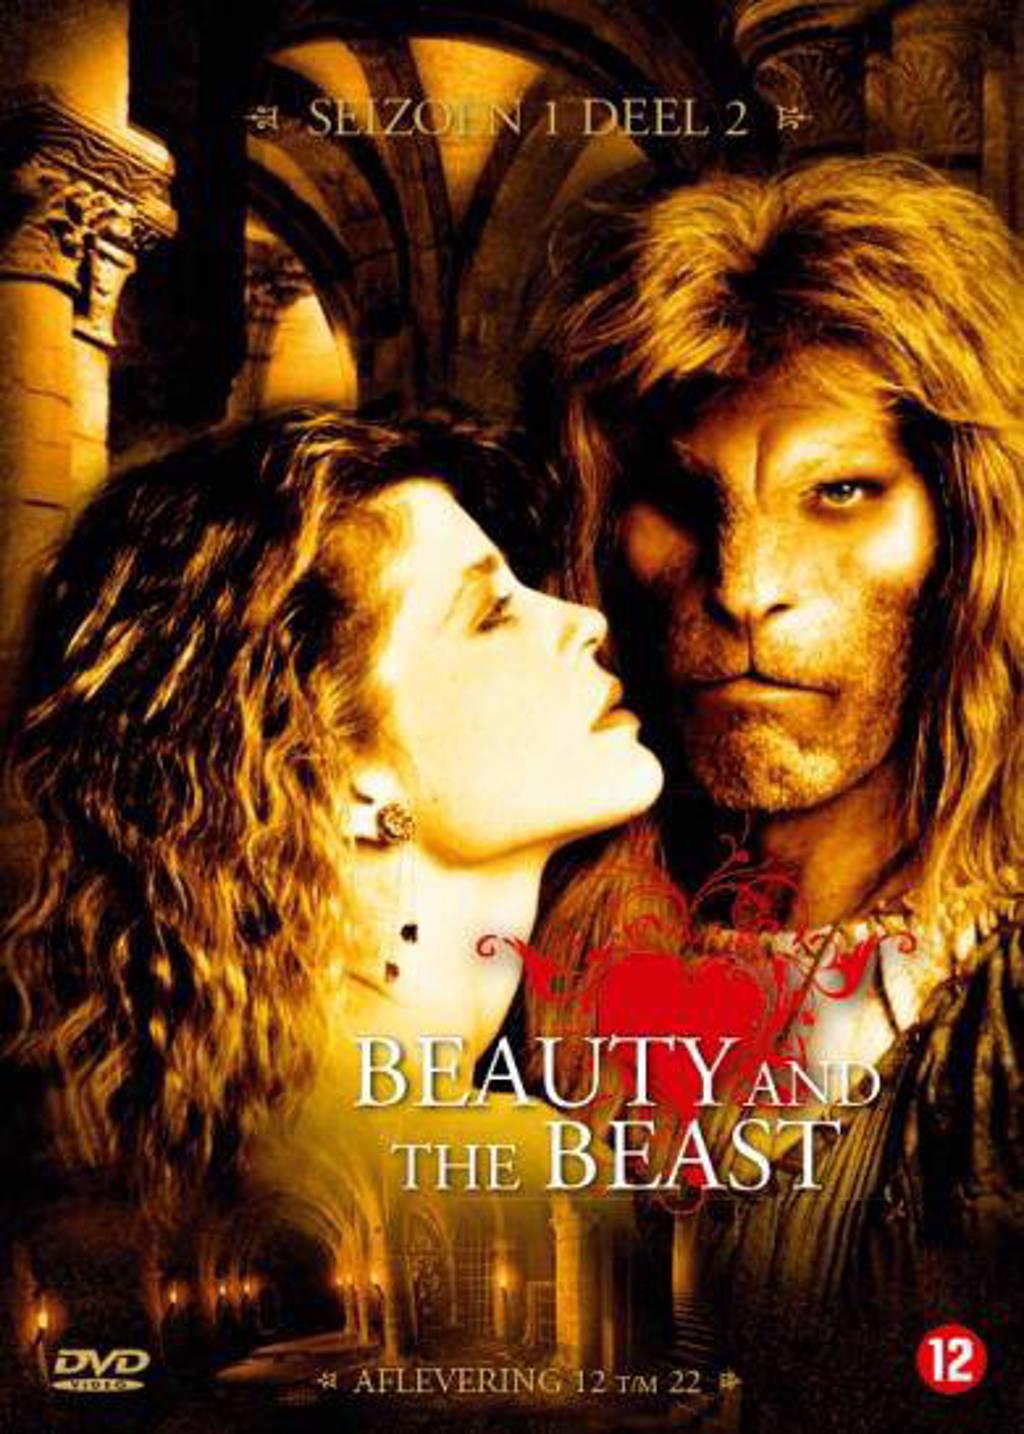 Beauty and the beast - Seizoen 1 deel 2 (DVD)